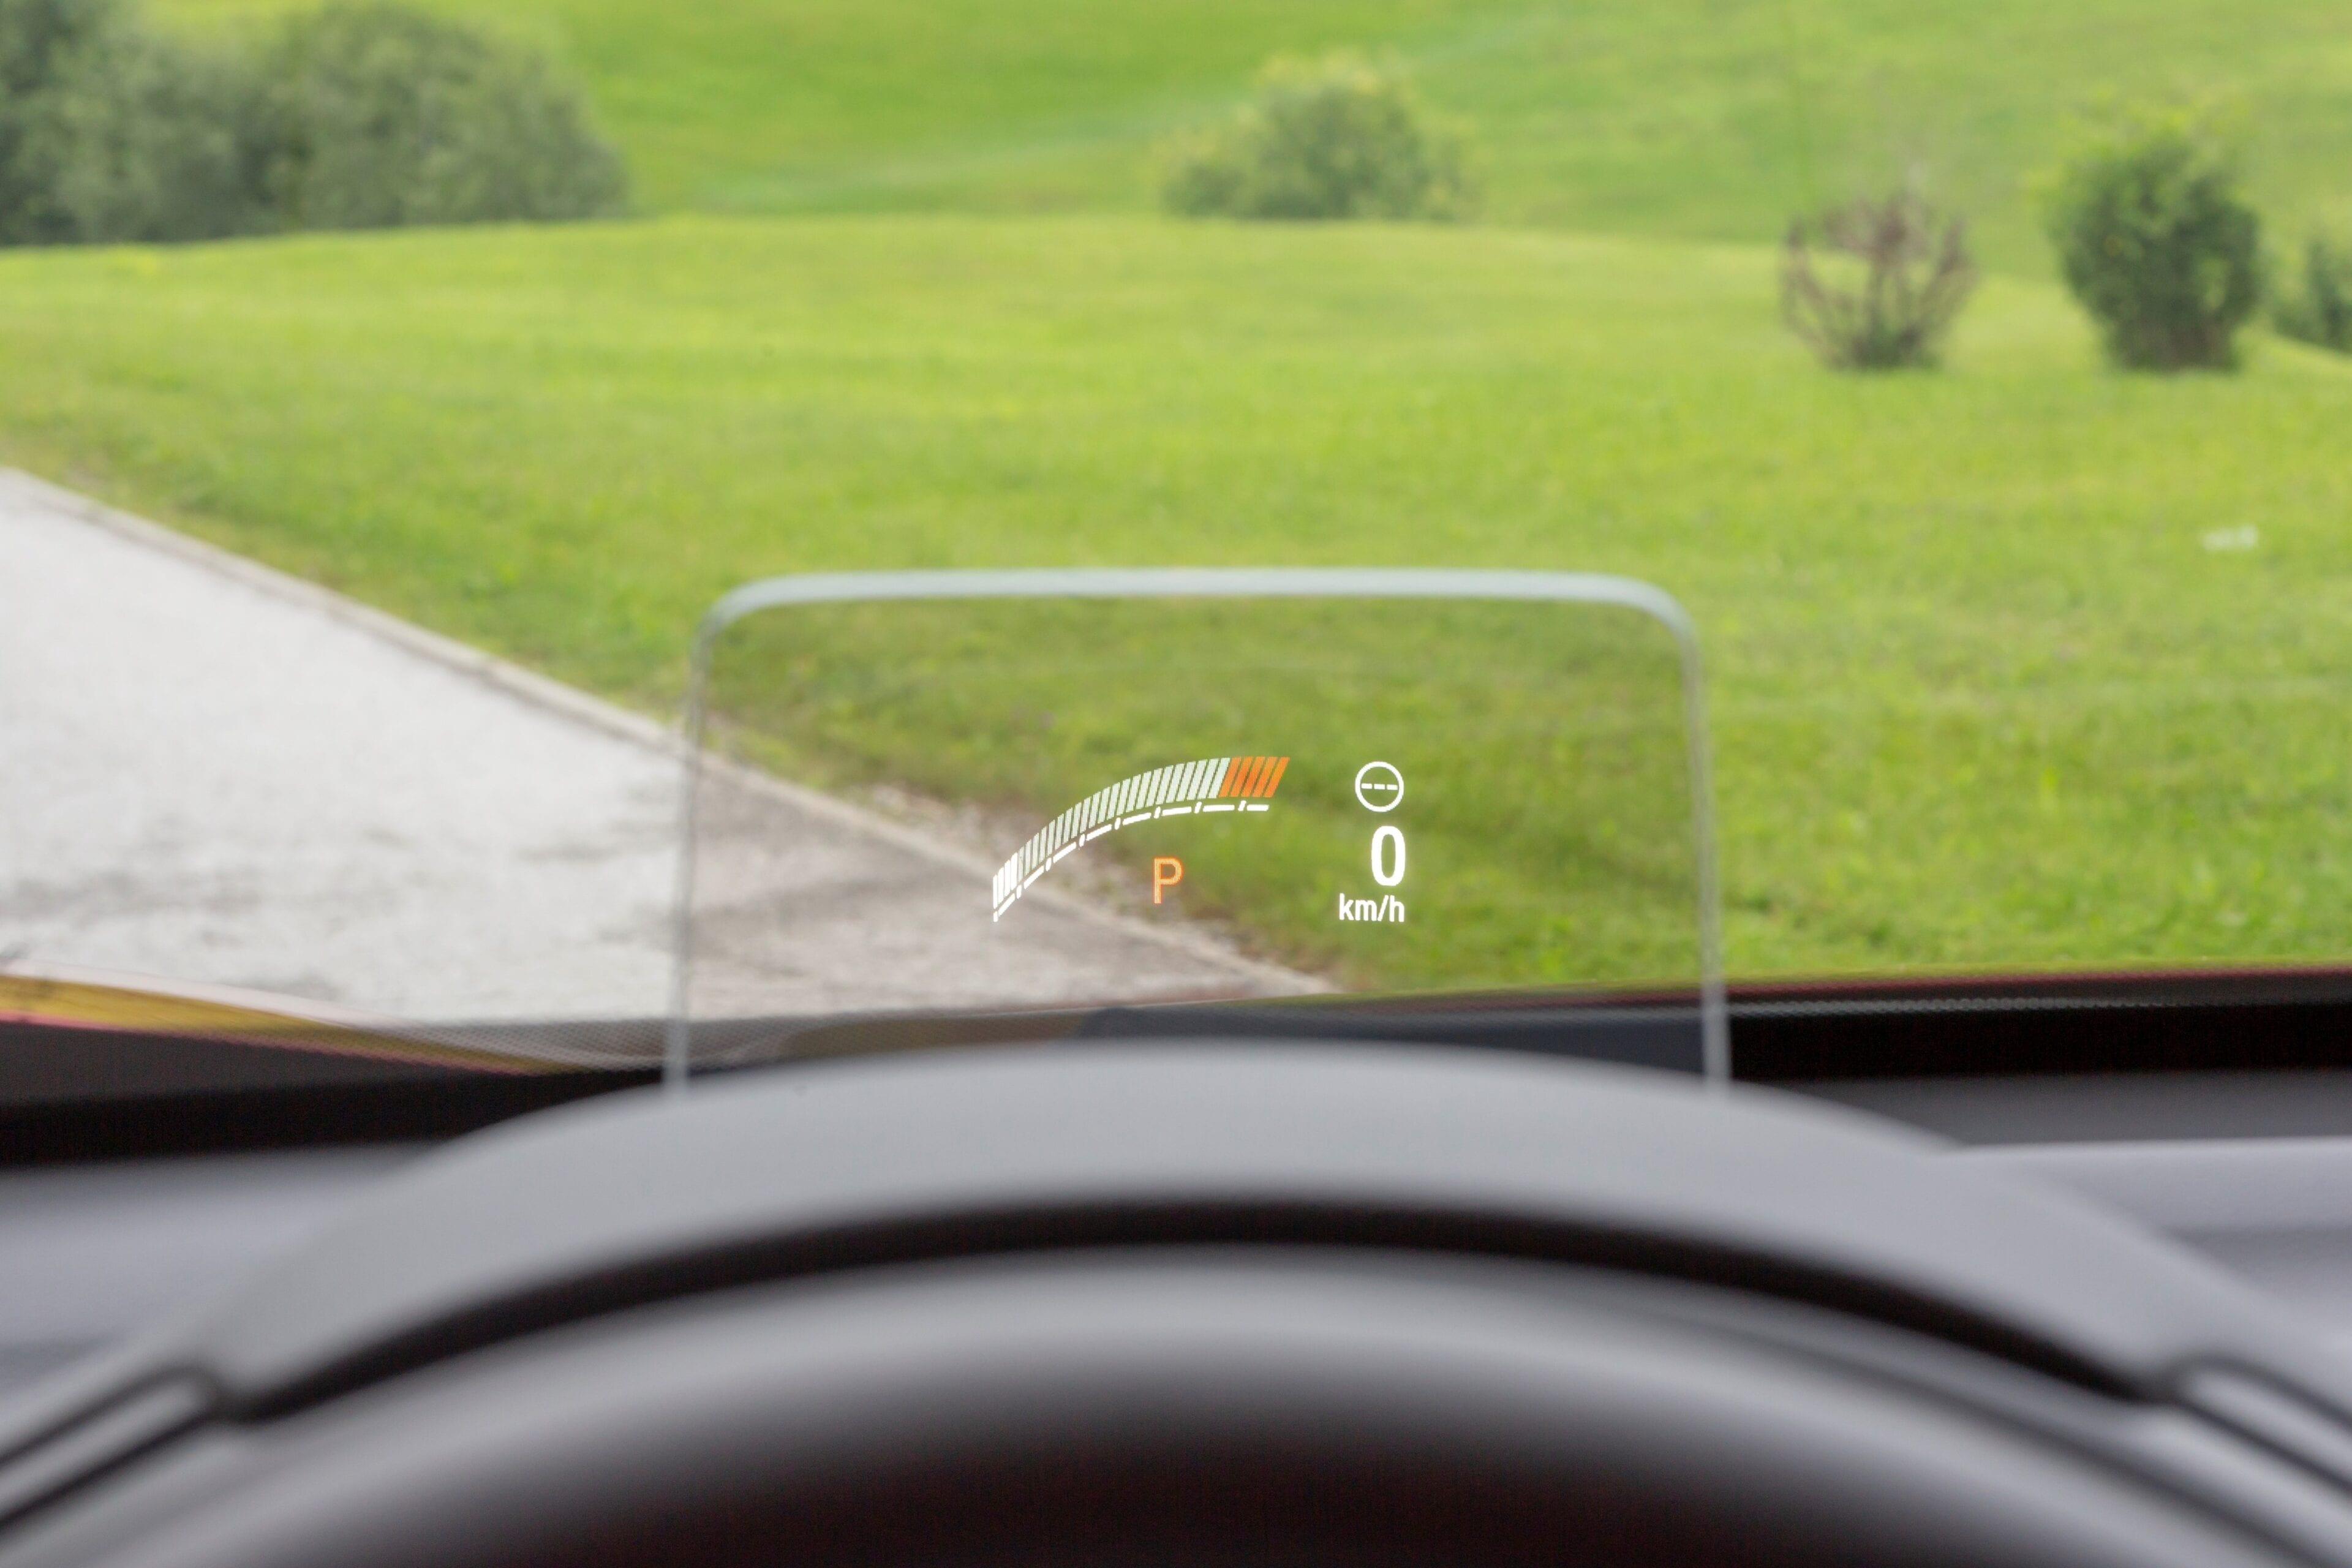 door middel van het Head-Up Display heeft u alle nodig informatie in het gezichtsveld zonder af uw ogen te wenden van de weg. Bovendien waarborgt u de veiligheid  op de weg.